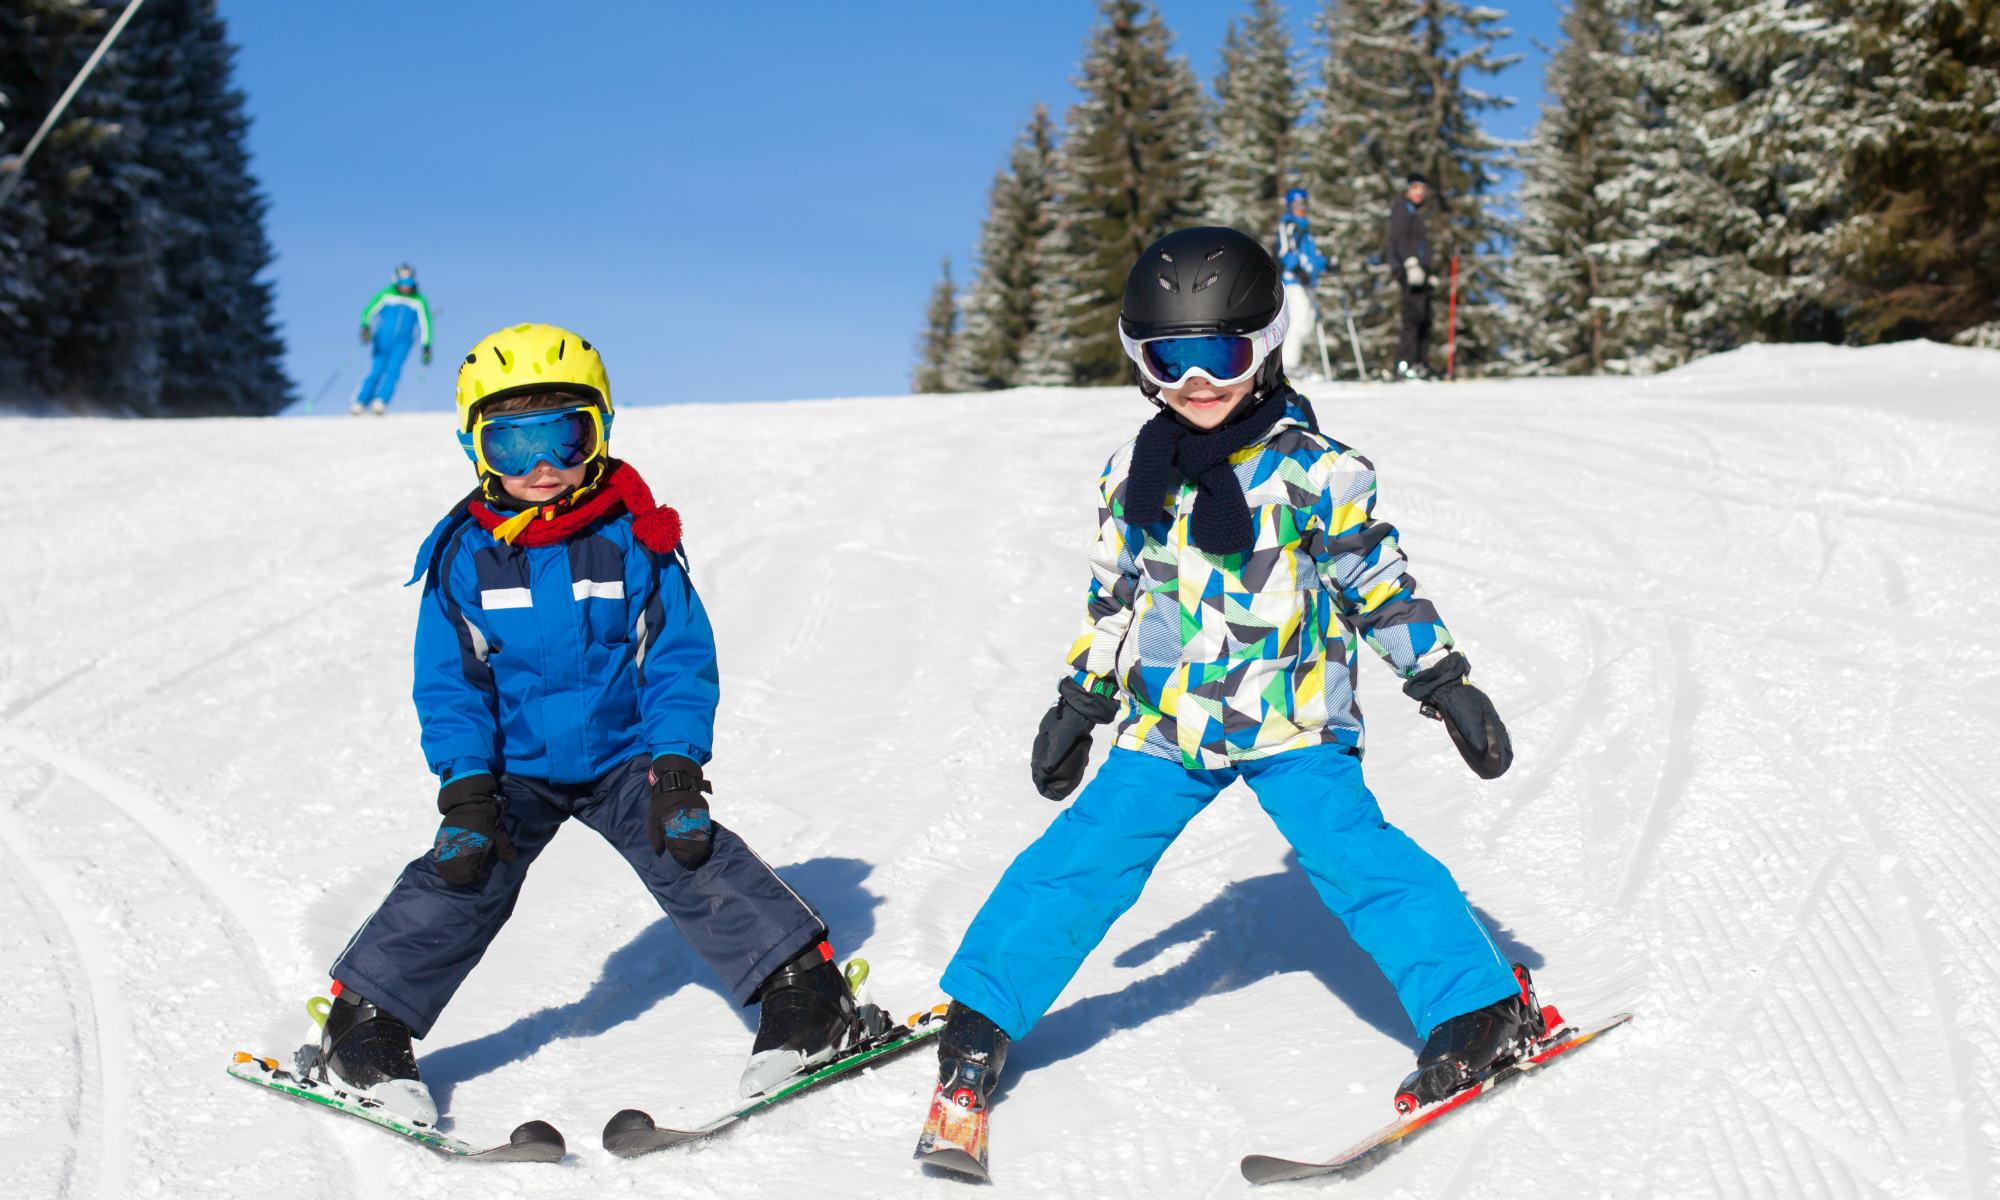 Zwei Kinder beim Schneepflug fahren auf einer sonnigen Skipiste.